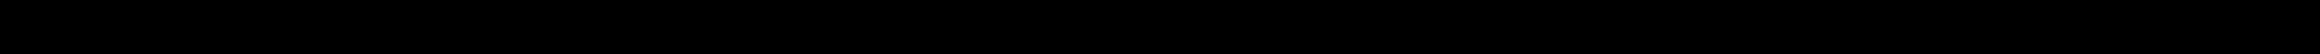 HENGST FILTER 73500506, 893 3004.195, 1109.L4, 1109.R8, MLS000462A Маслен филтър